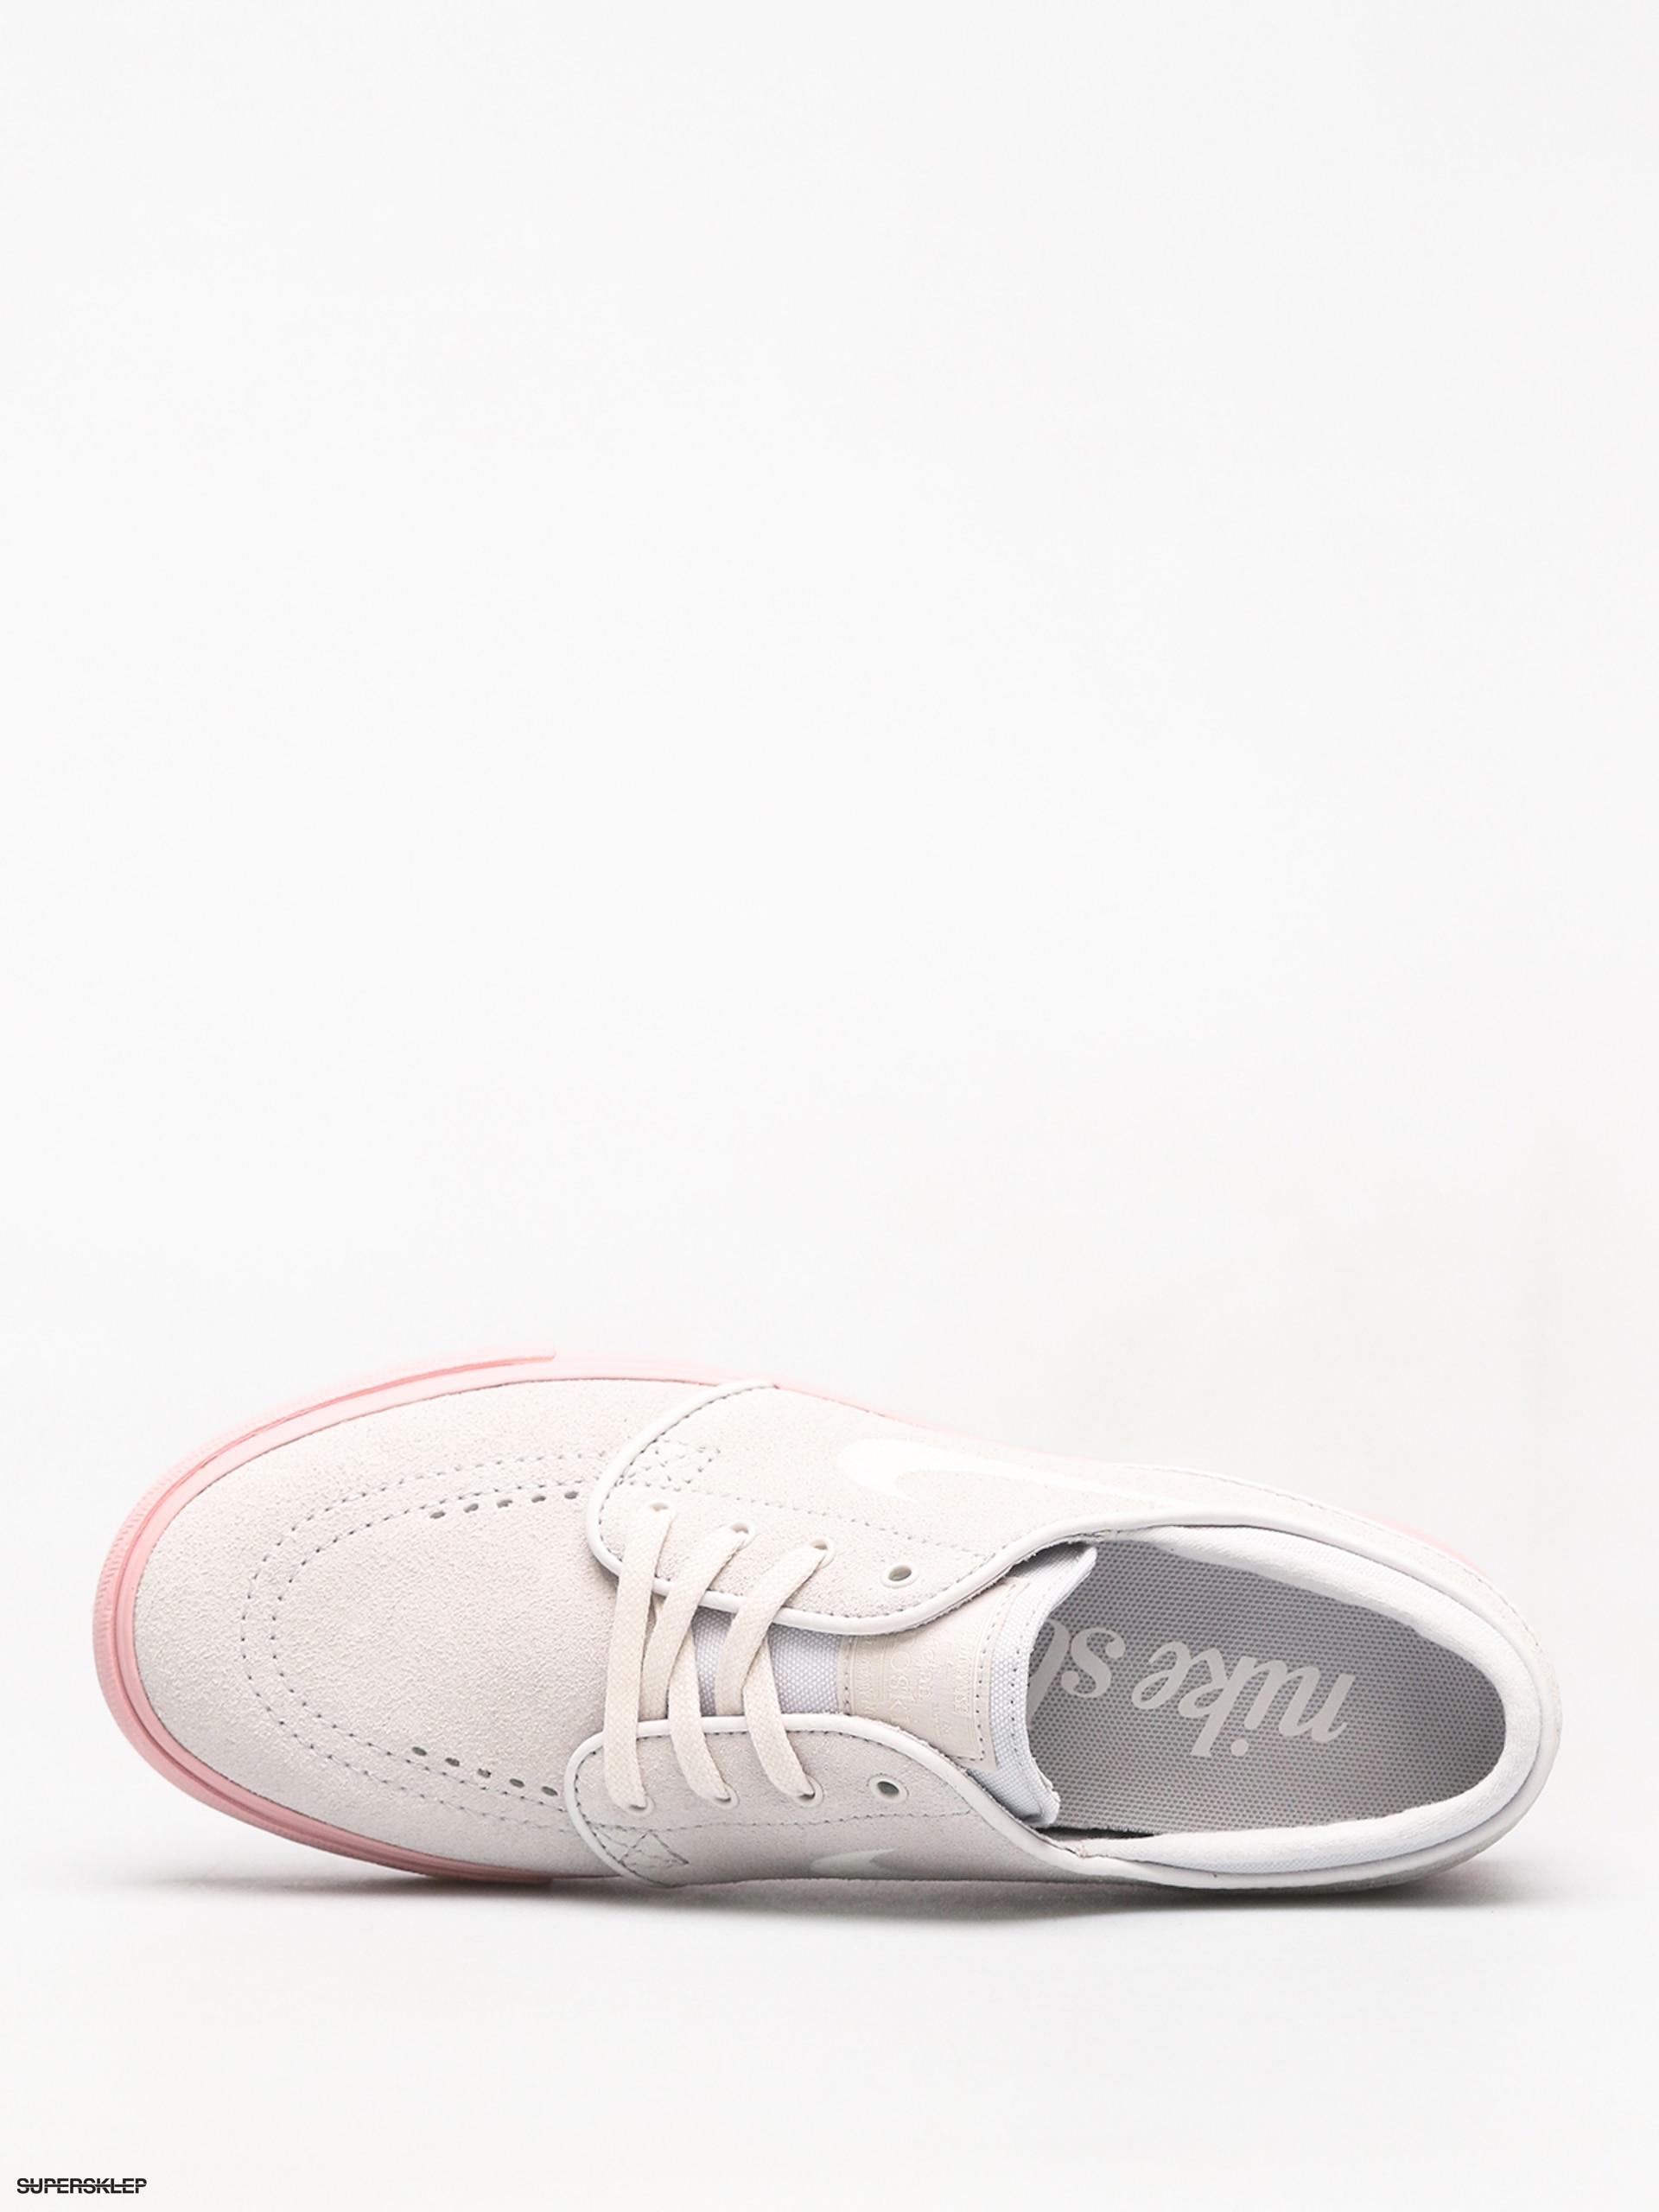 najwyższa jakość tanie jak barszcz sklep internetowy Boty Nike SB Sb Zoom Stefan Janoski (vast grey/phantom bubblegum bubblegum)